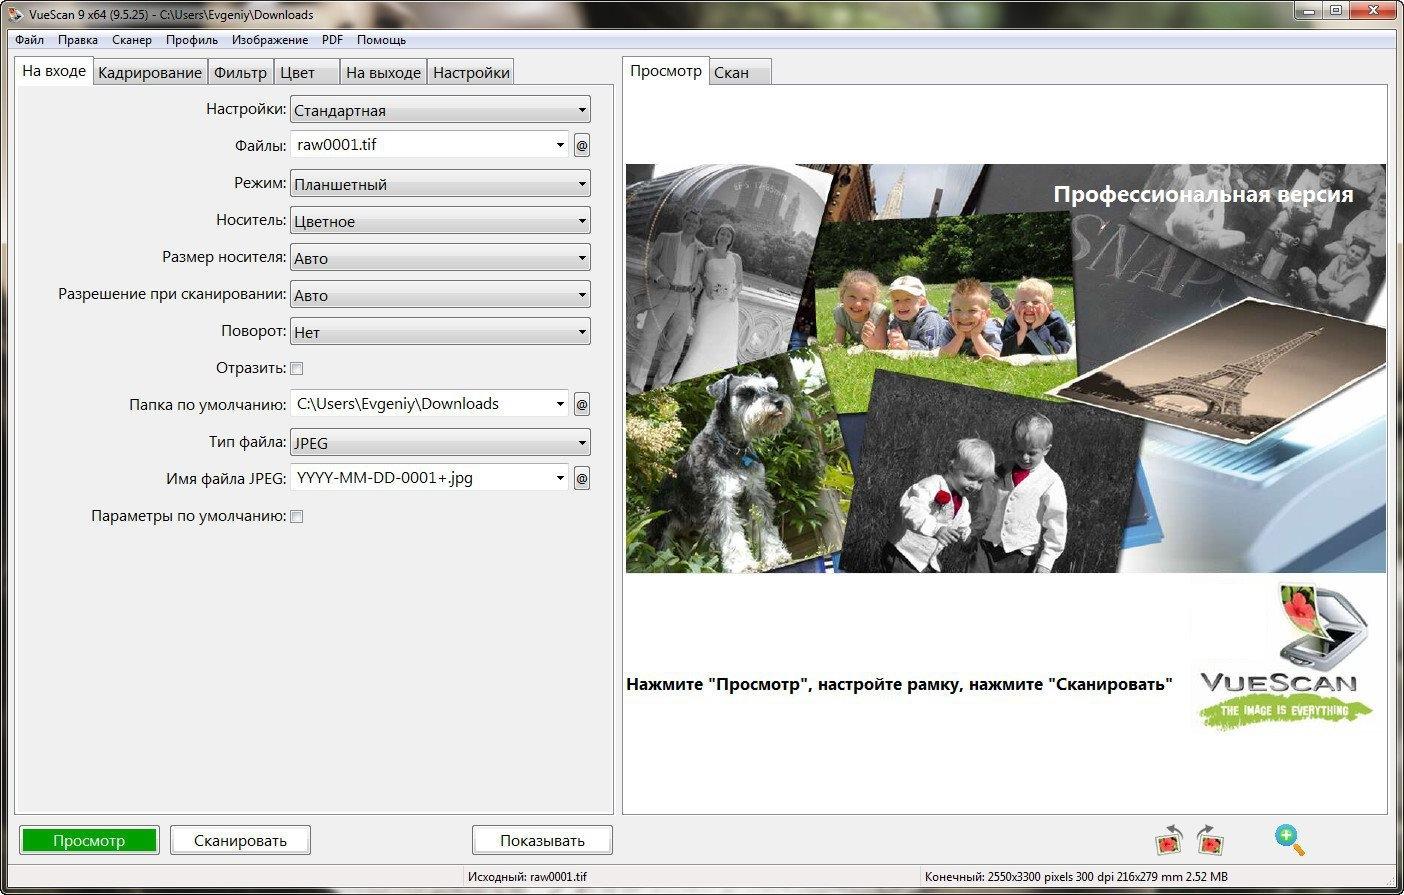 http://fs2.directupload.net/images/150906/ioytcvtk.jpg